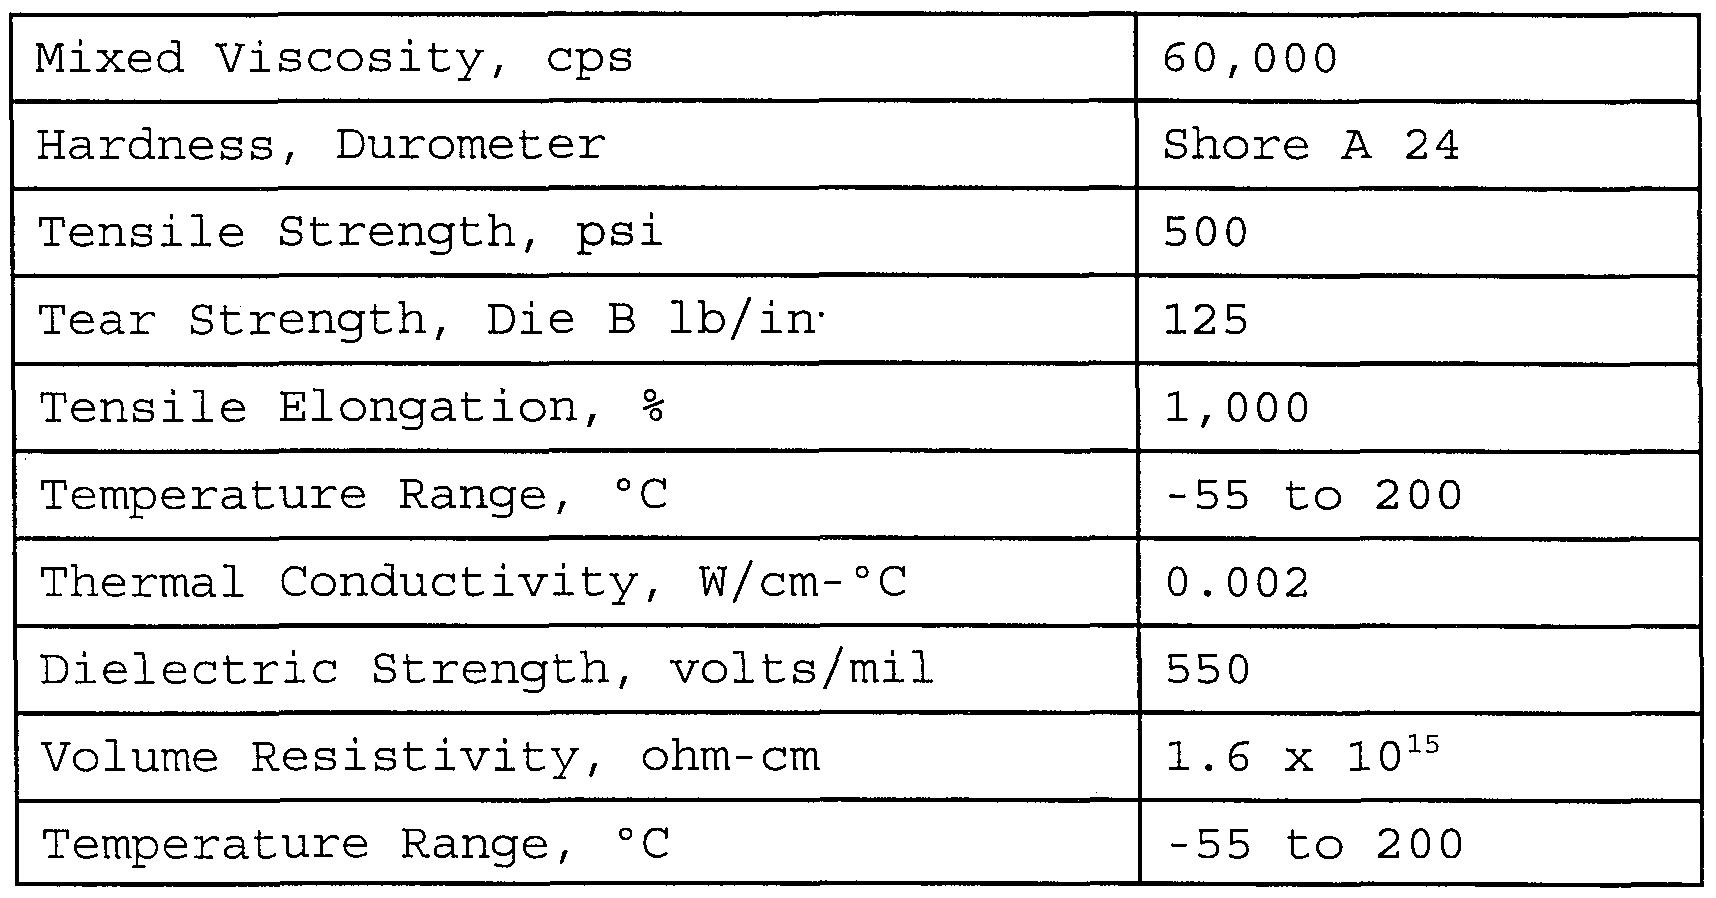 Diffusion Pump Oil Silicone amp; PFPE Diffusion Pump Fluid